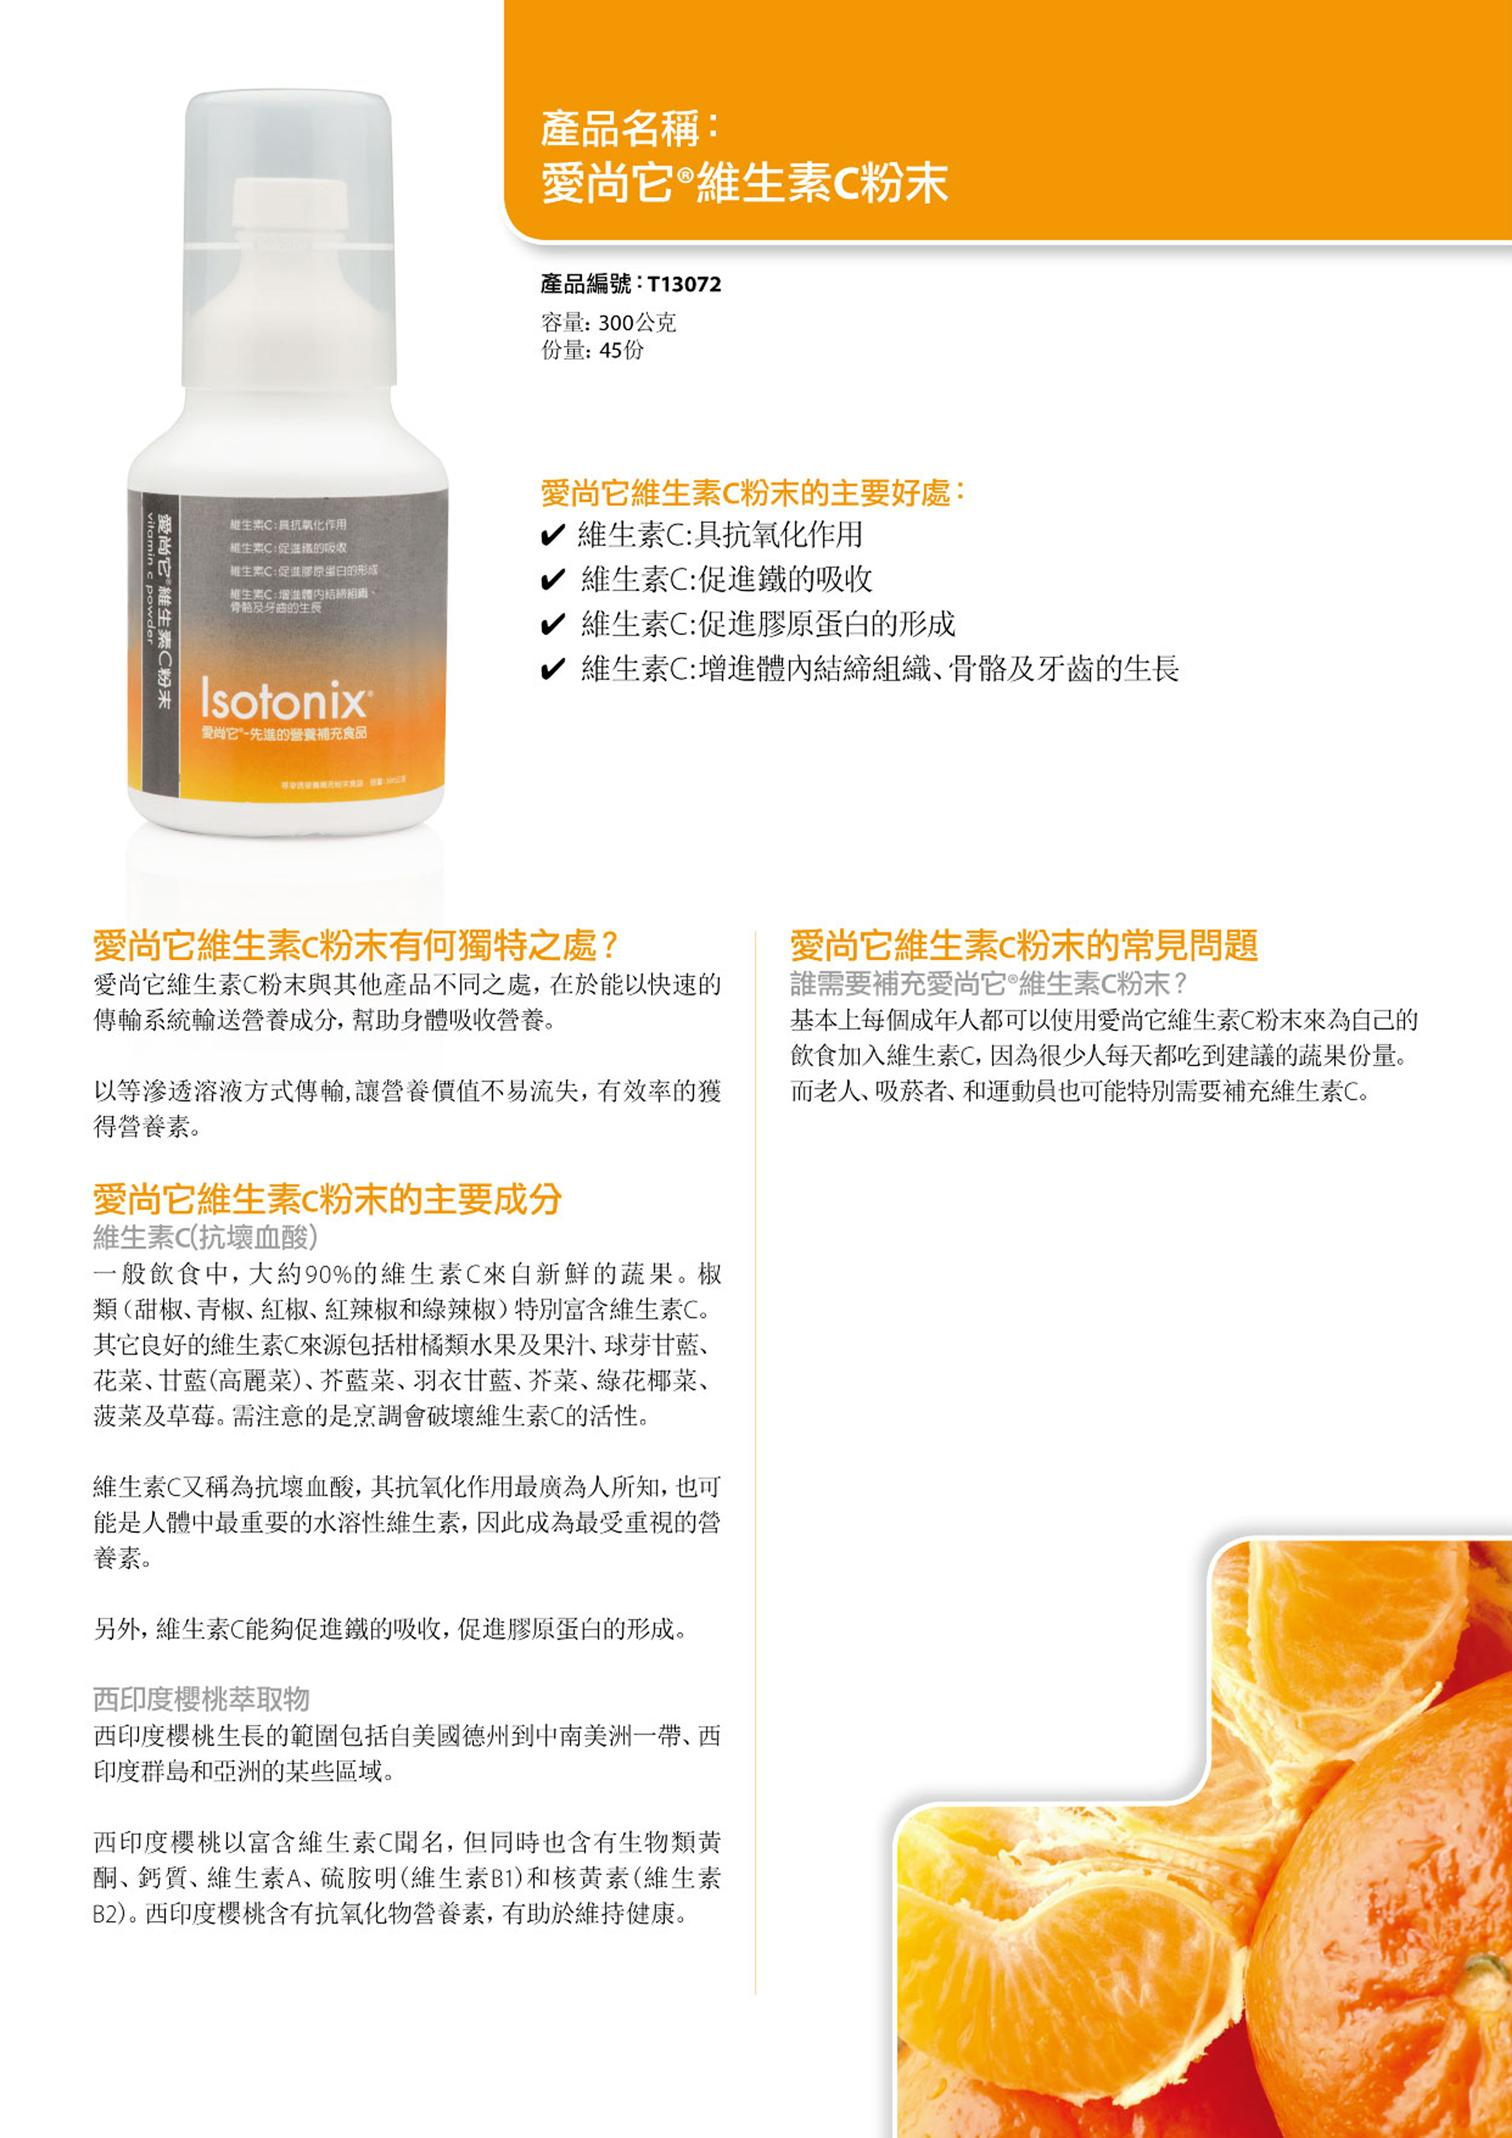 美安DM031-愛尚它®維生素C粉末_產品資訊- 100張